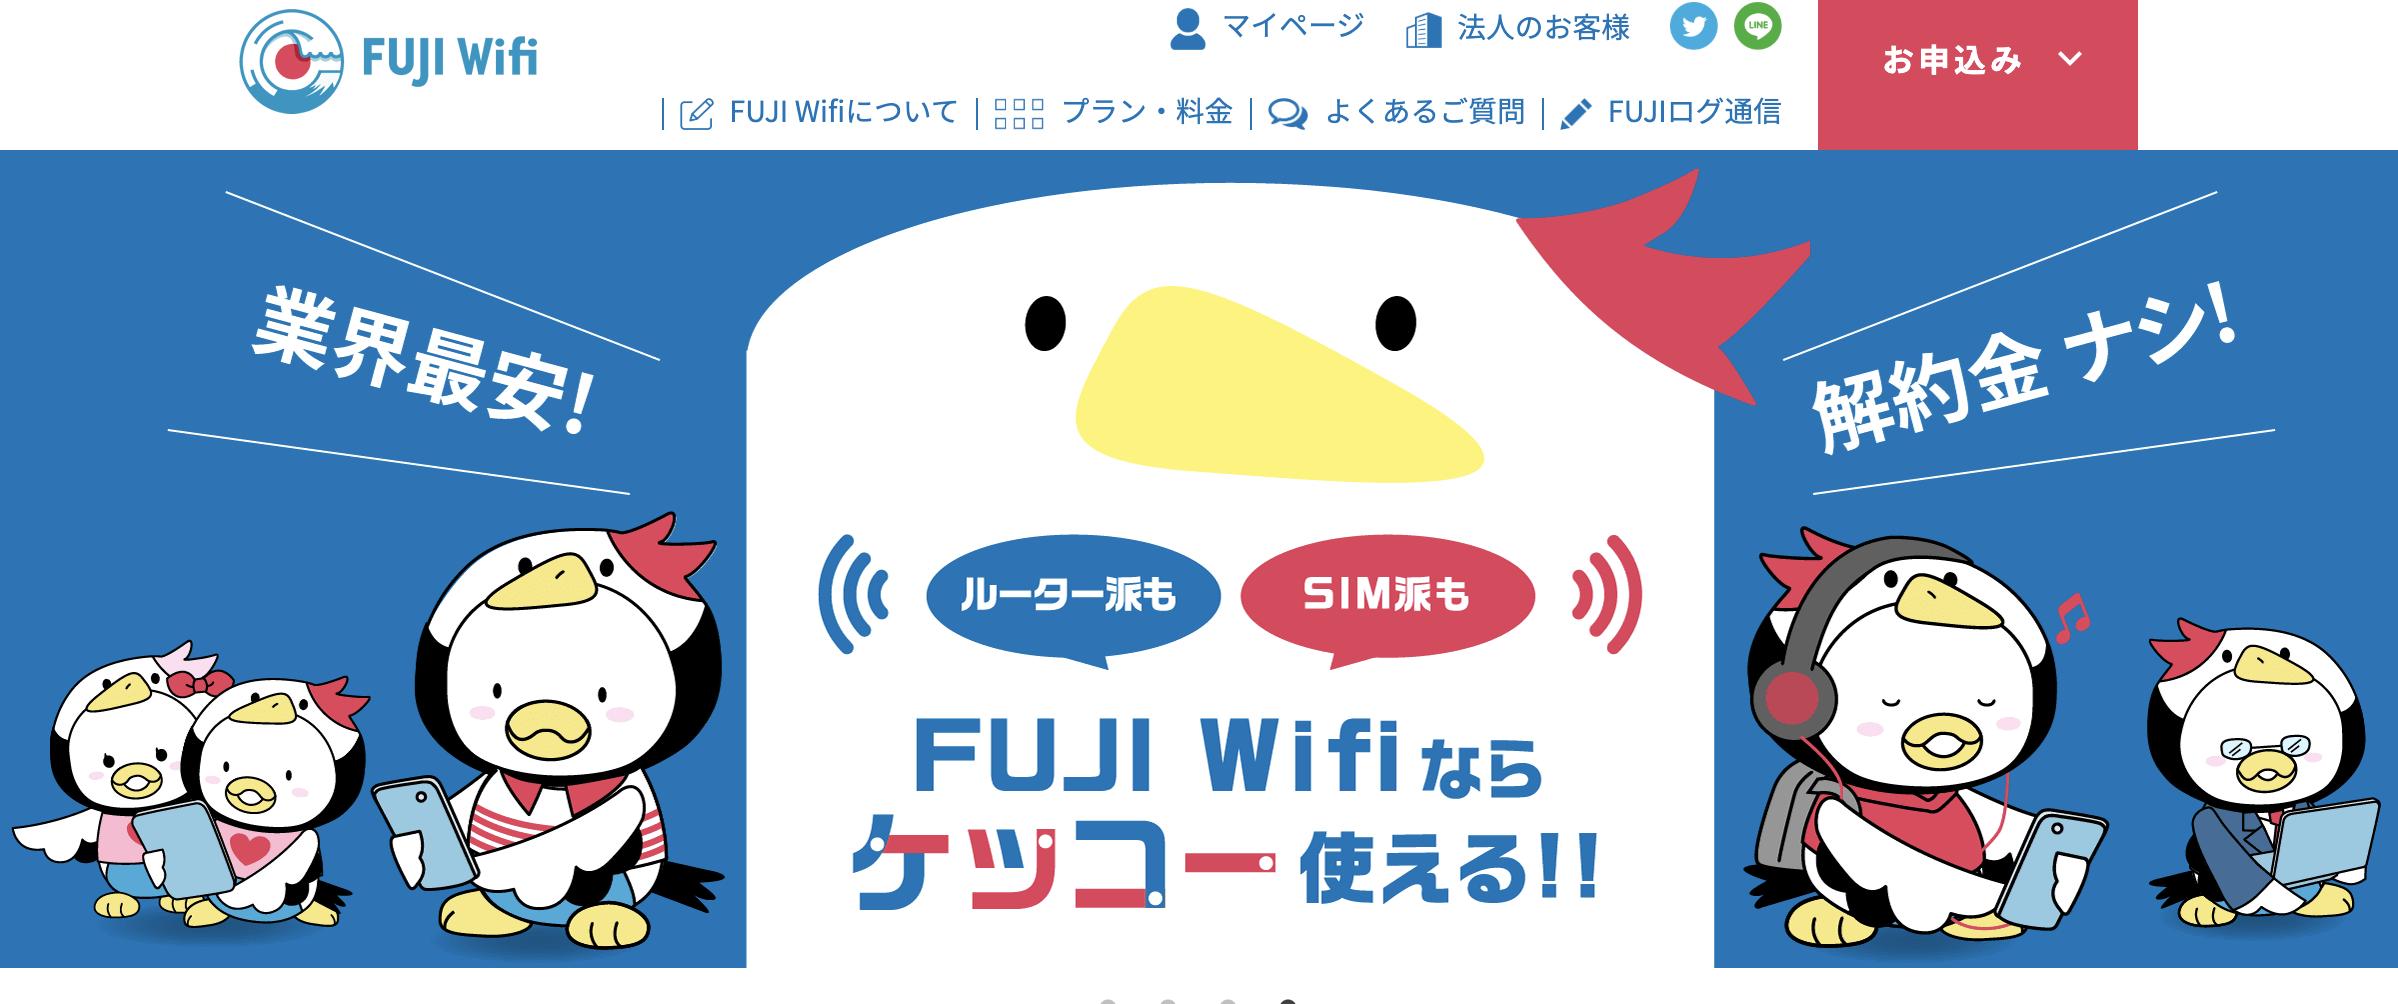 FUJI WiFiのメインビジュアル